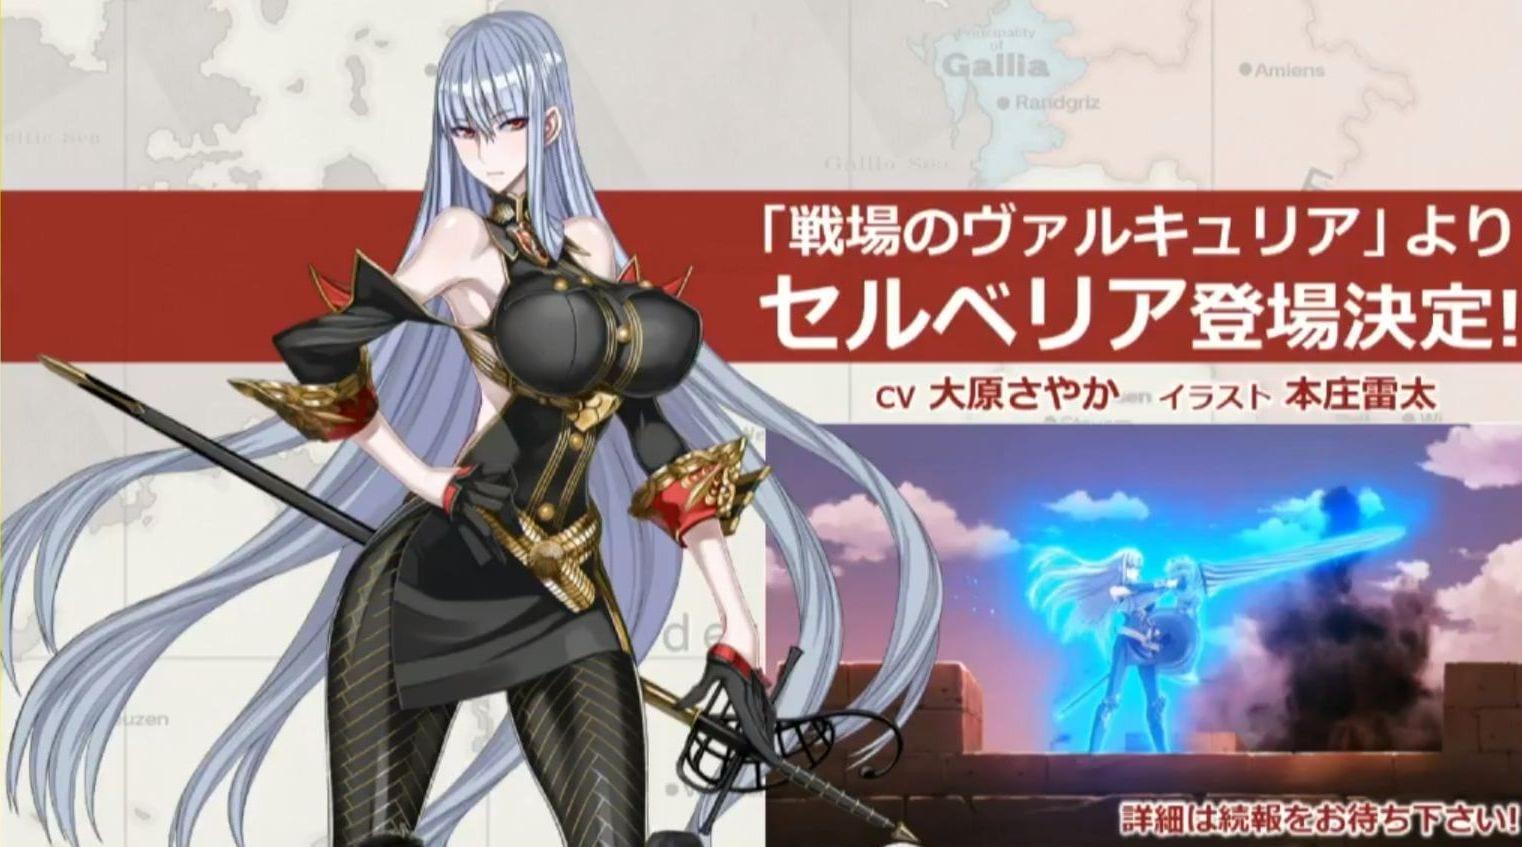 Idola Phantasy Star Saga Valkyria